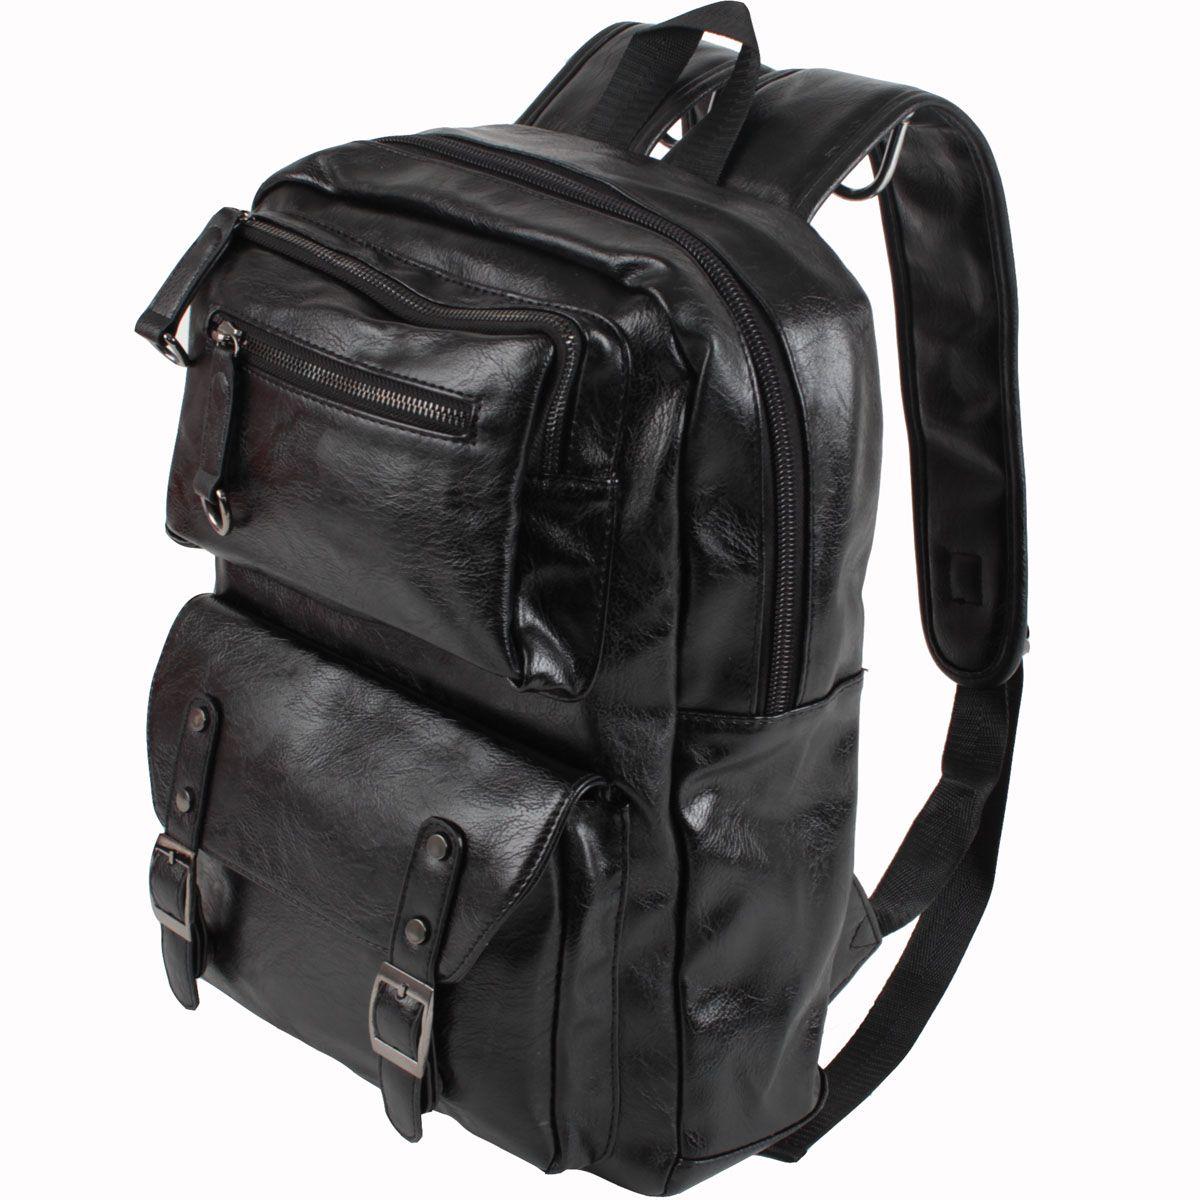 Сумка-рюкзак Flioraj, цвет: черный. 0818 черн цена